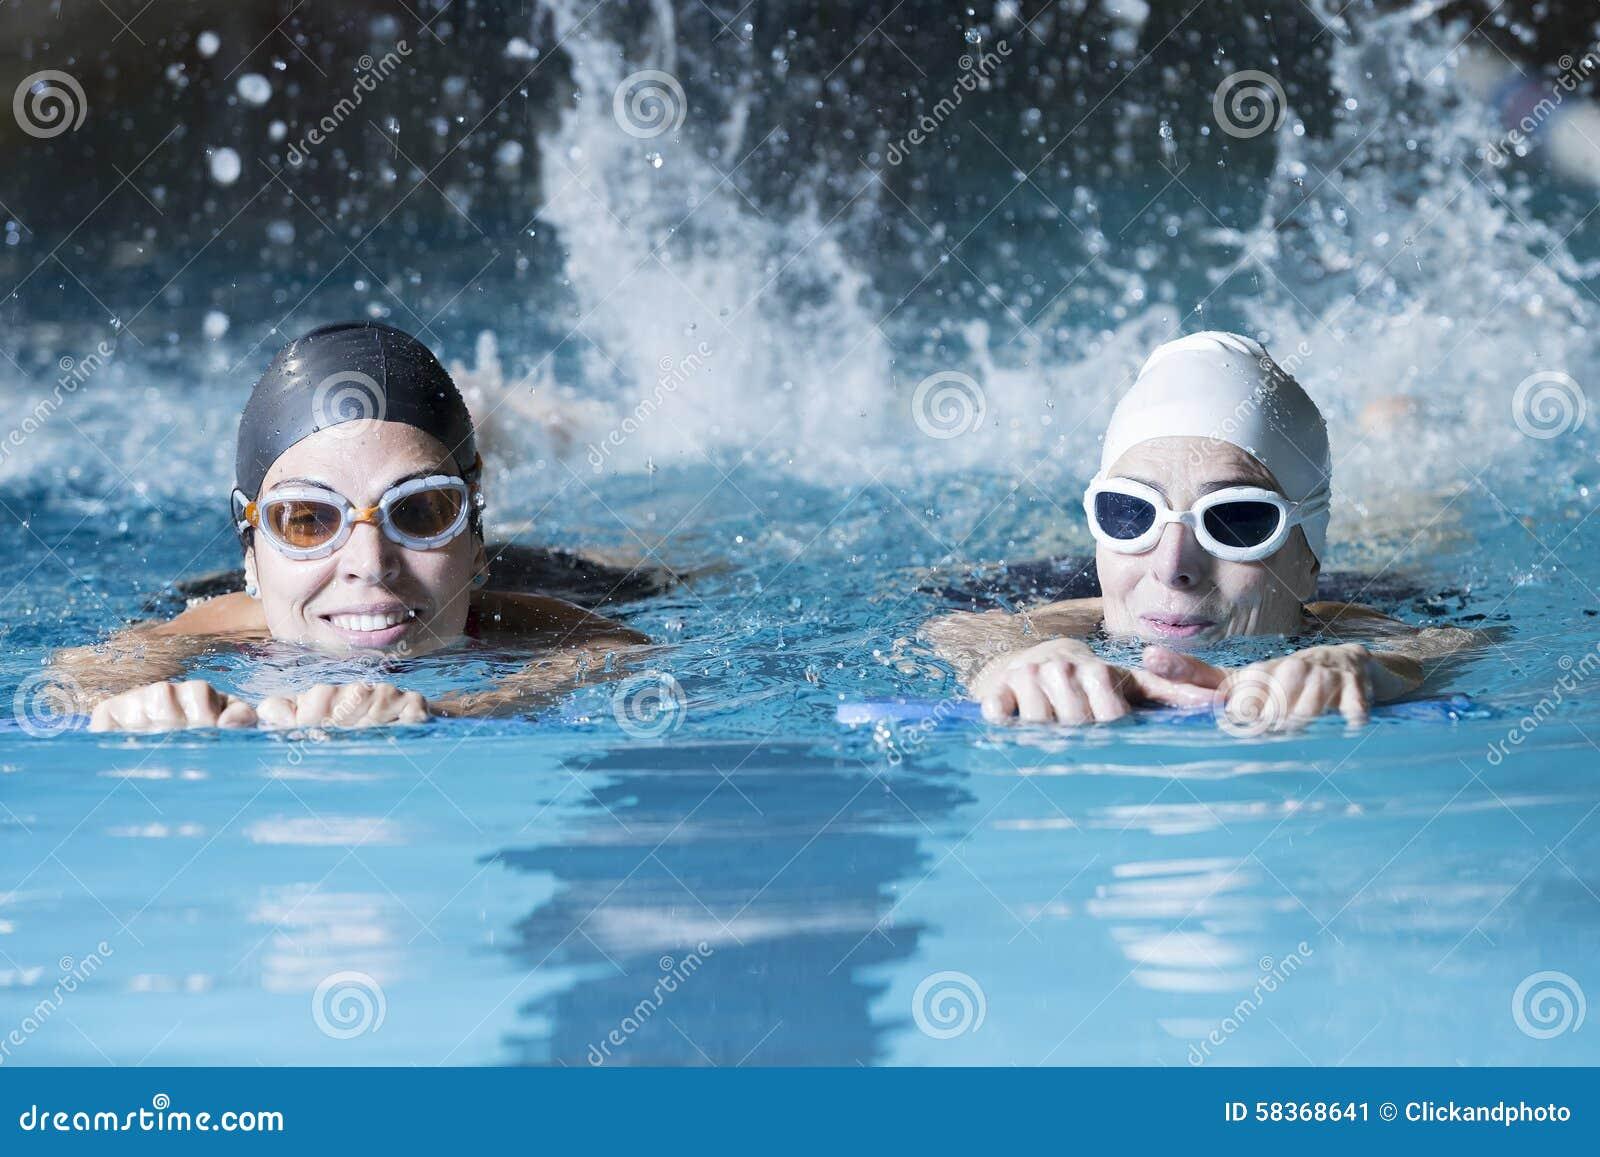 Nageurs nageant avec un conseil de bain